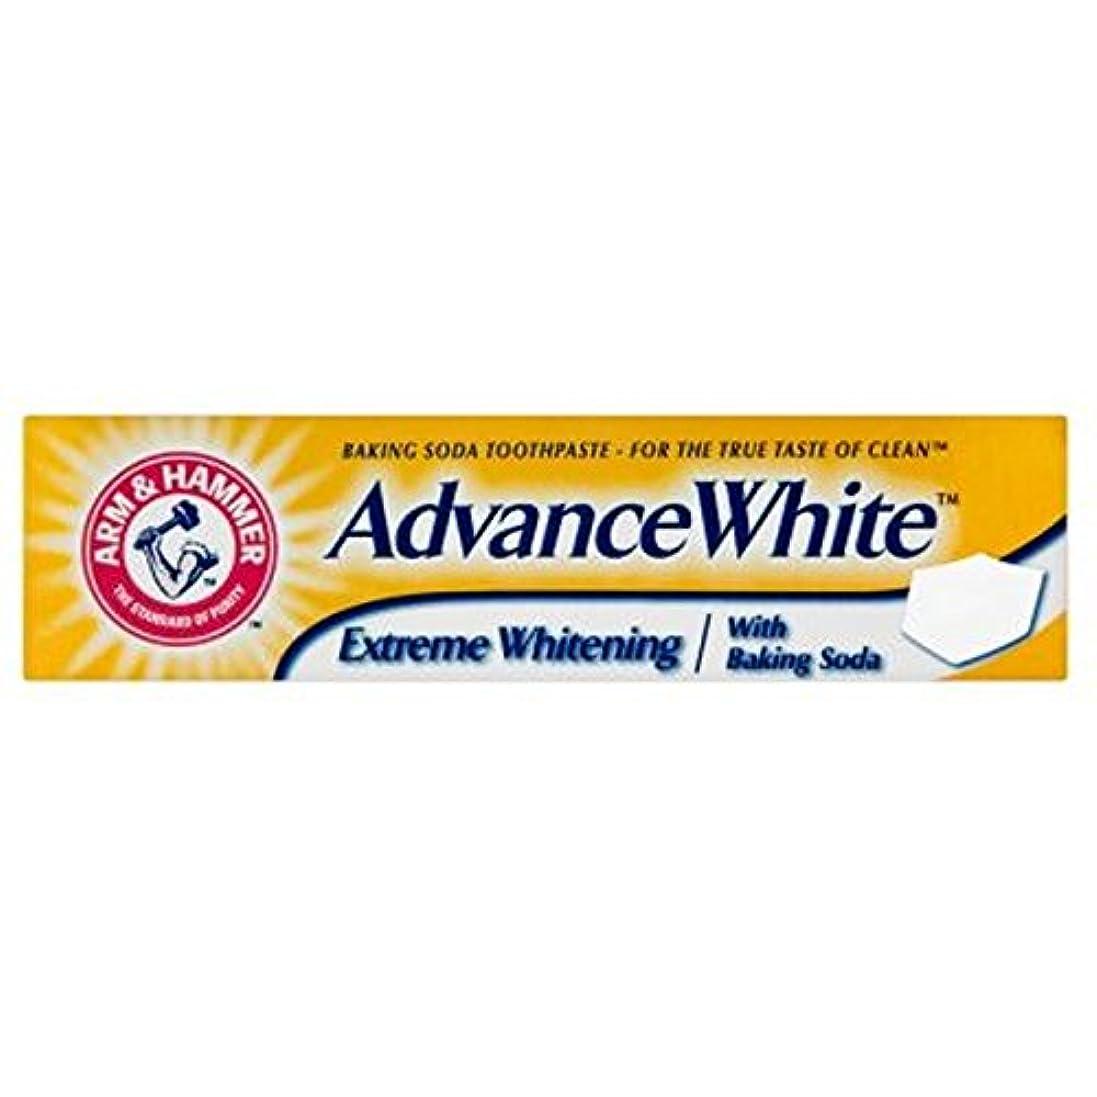 衝突コースつかの間ギャングスター重曹歯磨き粉75ミリリットルをホワイトニングアーム&ハンマー事前白極端 (Arm & Hammer) (x2) - Arm & Hammer Advance White Extreme Whitening Baking...